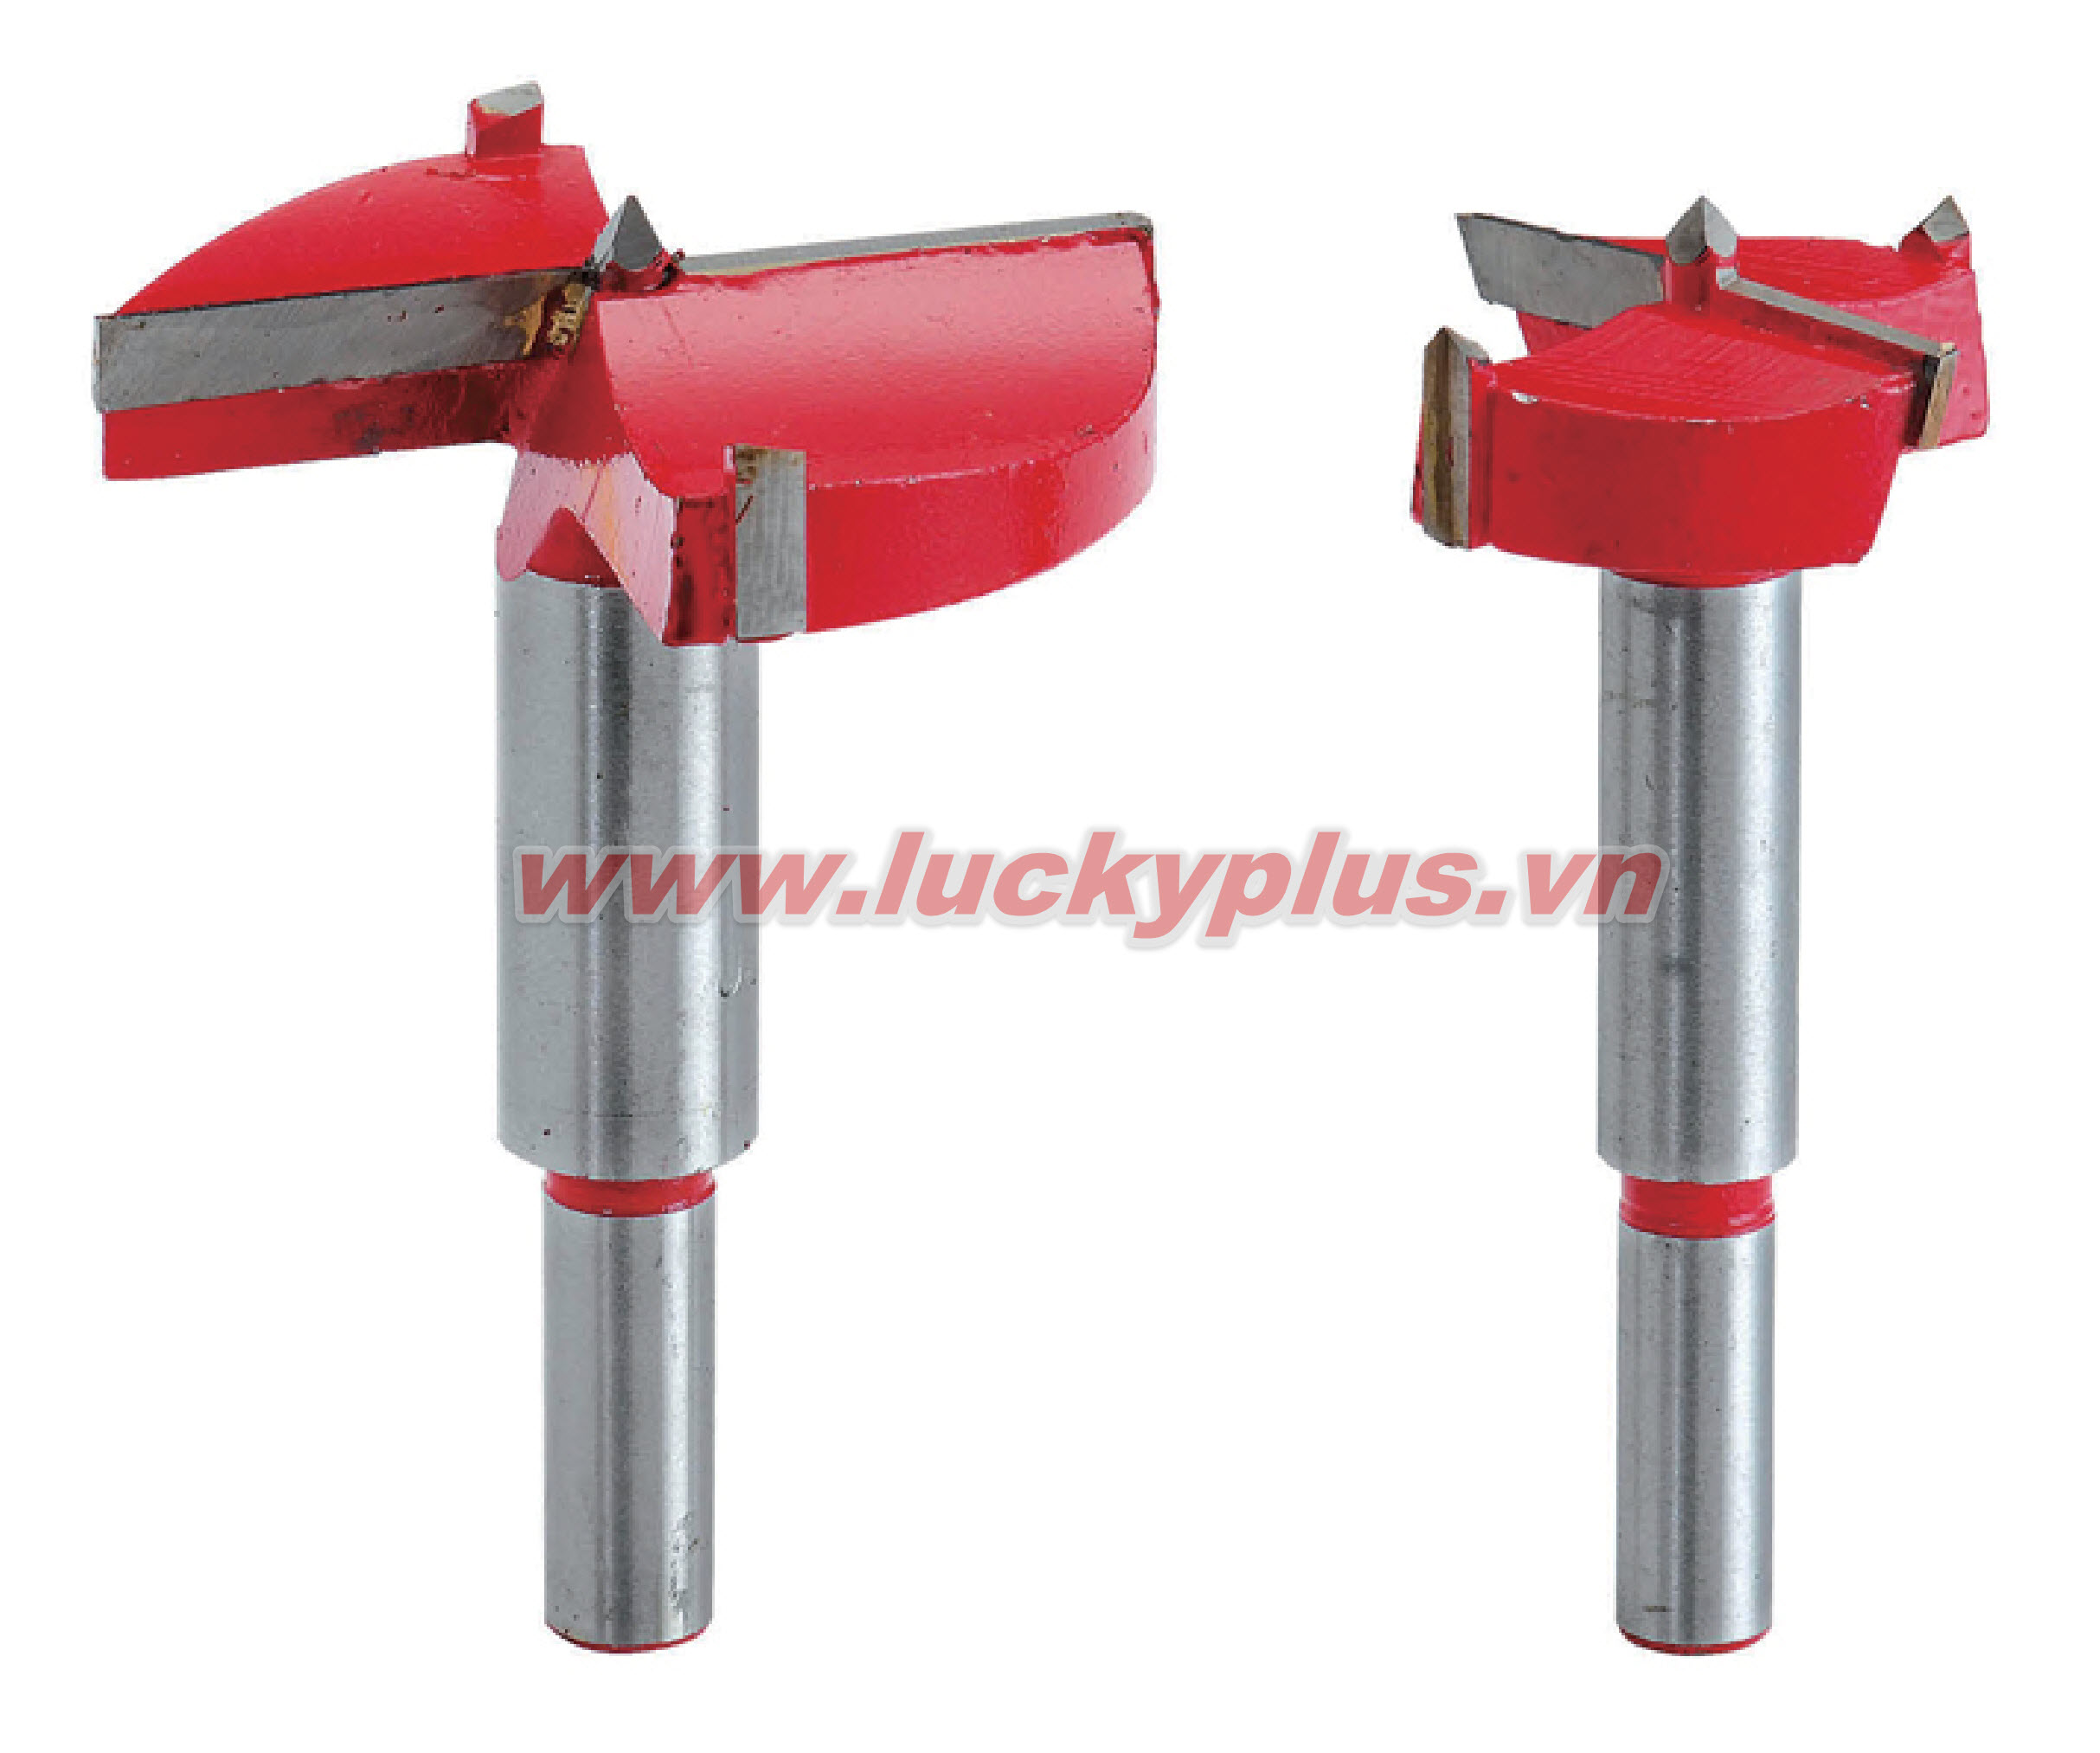 Mũi khoét lỗ FiveSheep FS-86116 16mm, FS-86118 18mm, FS-86119 19mm, FS-86120 20mm…